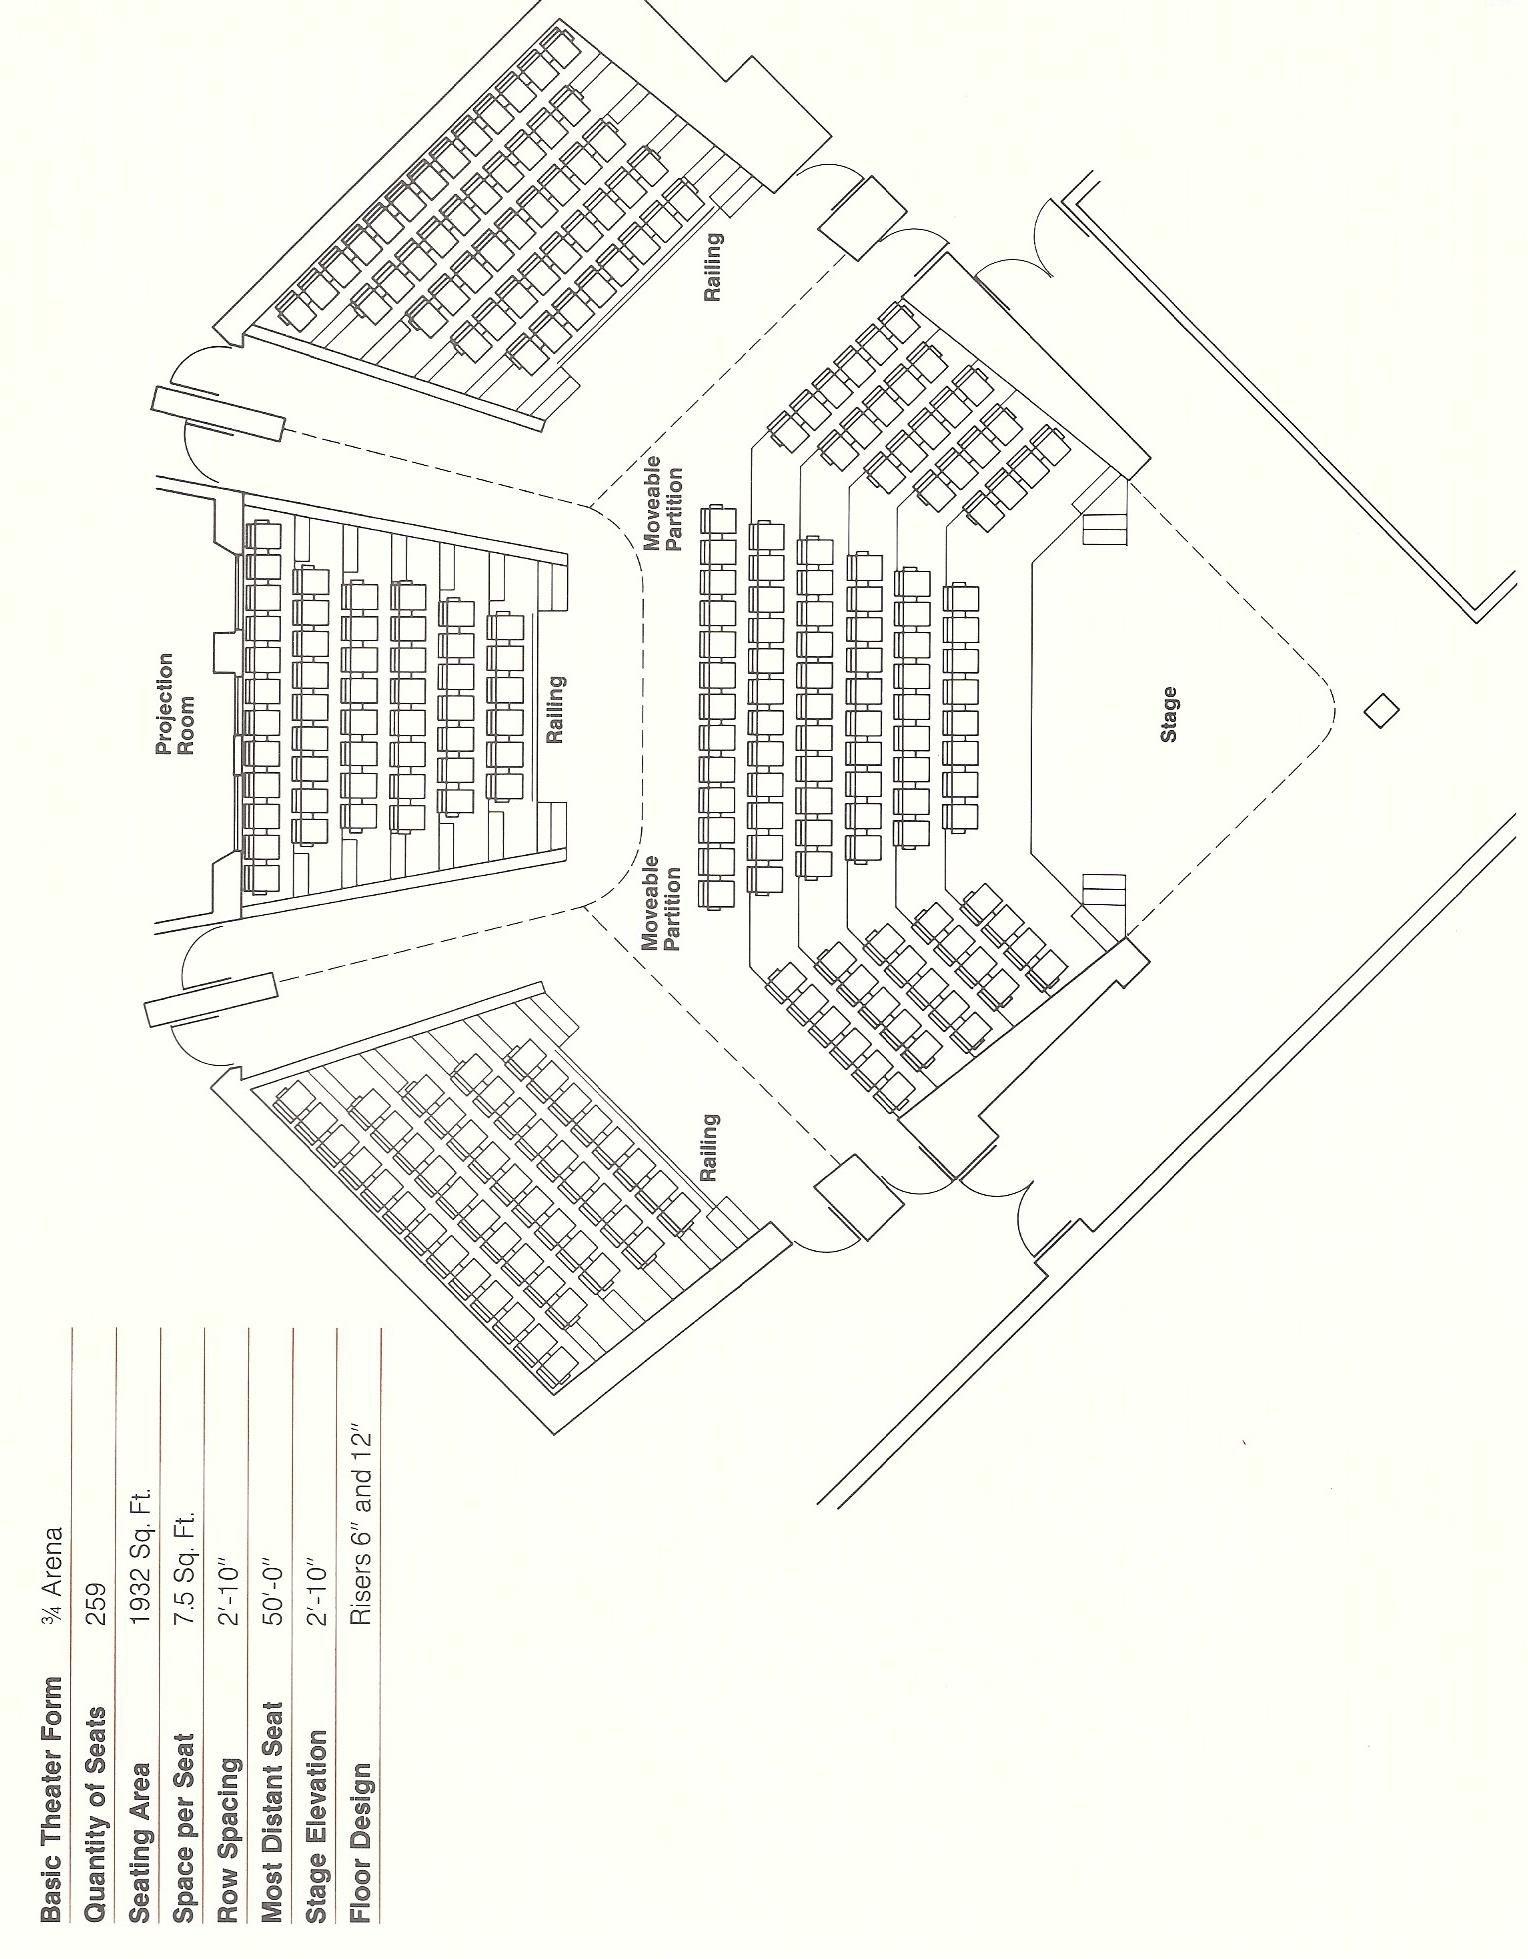 Pinchen Tt On Auditorium & Fixed Seating Layout